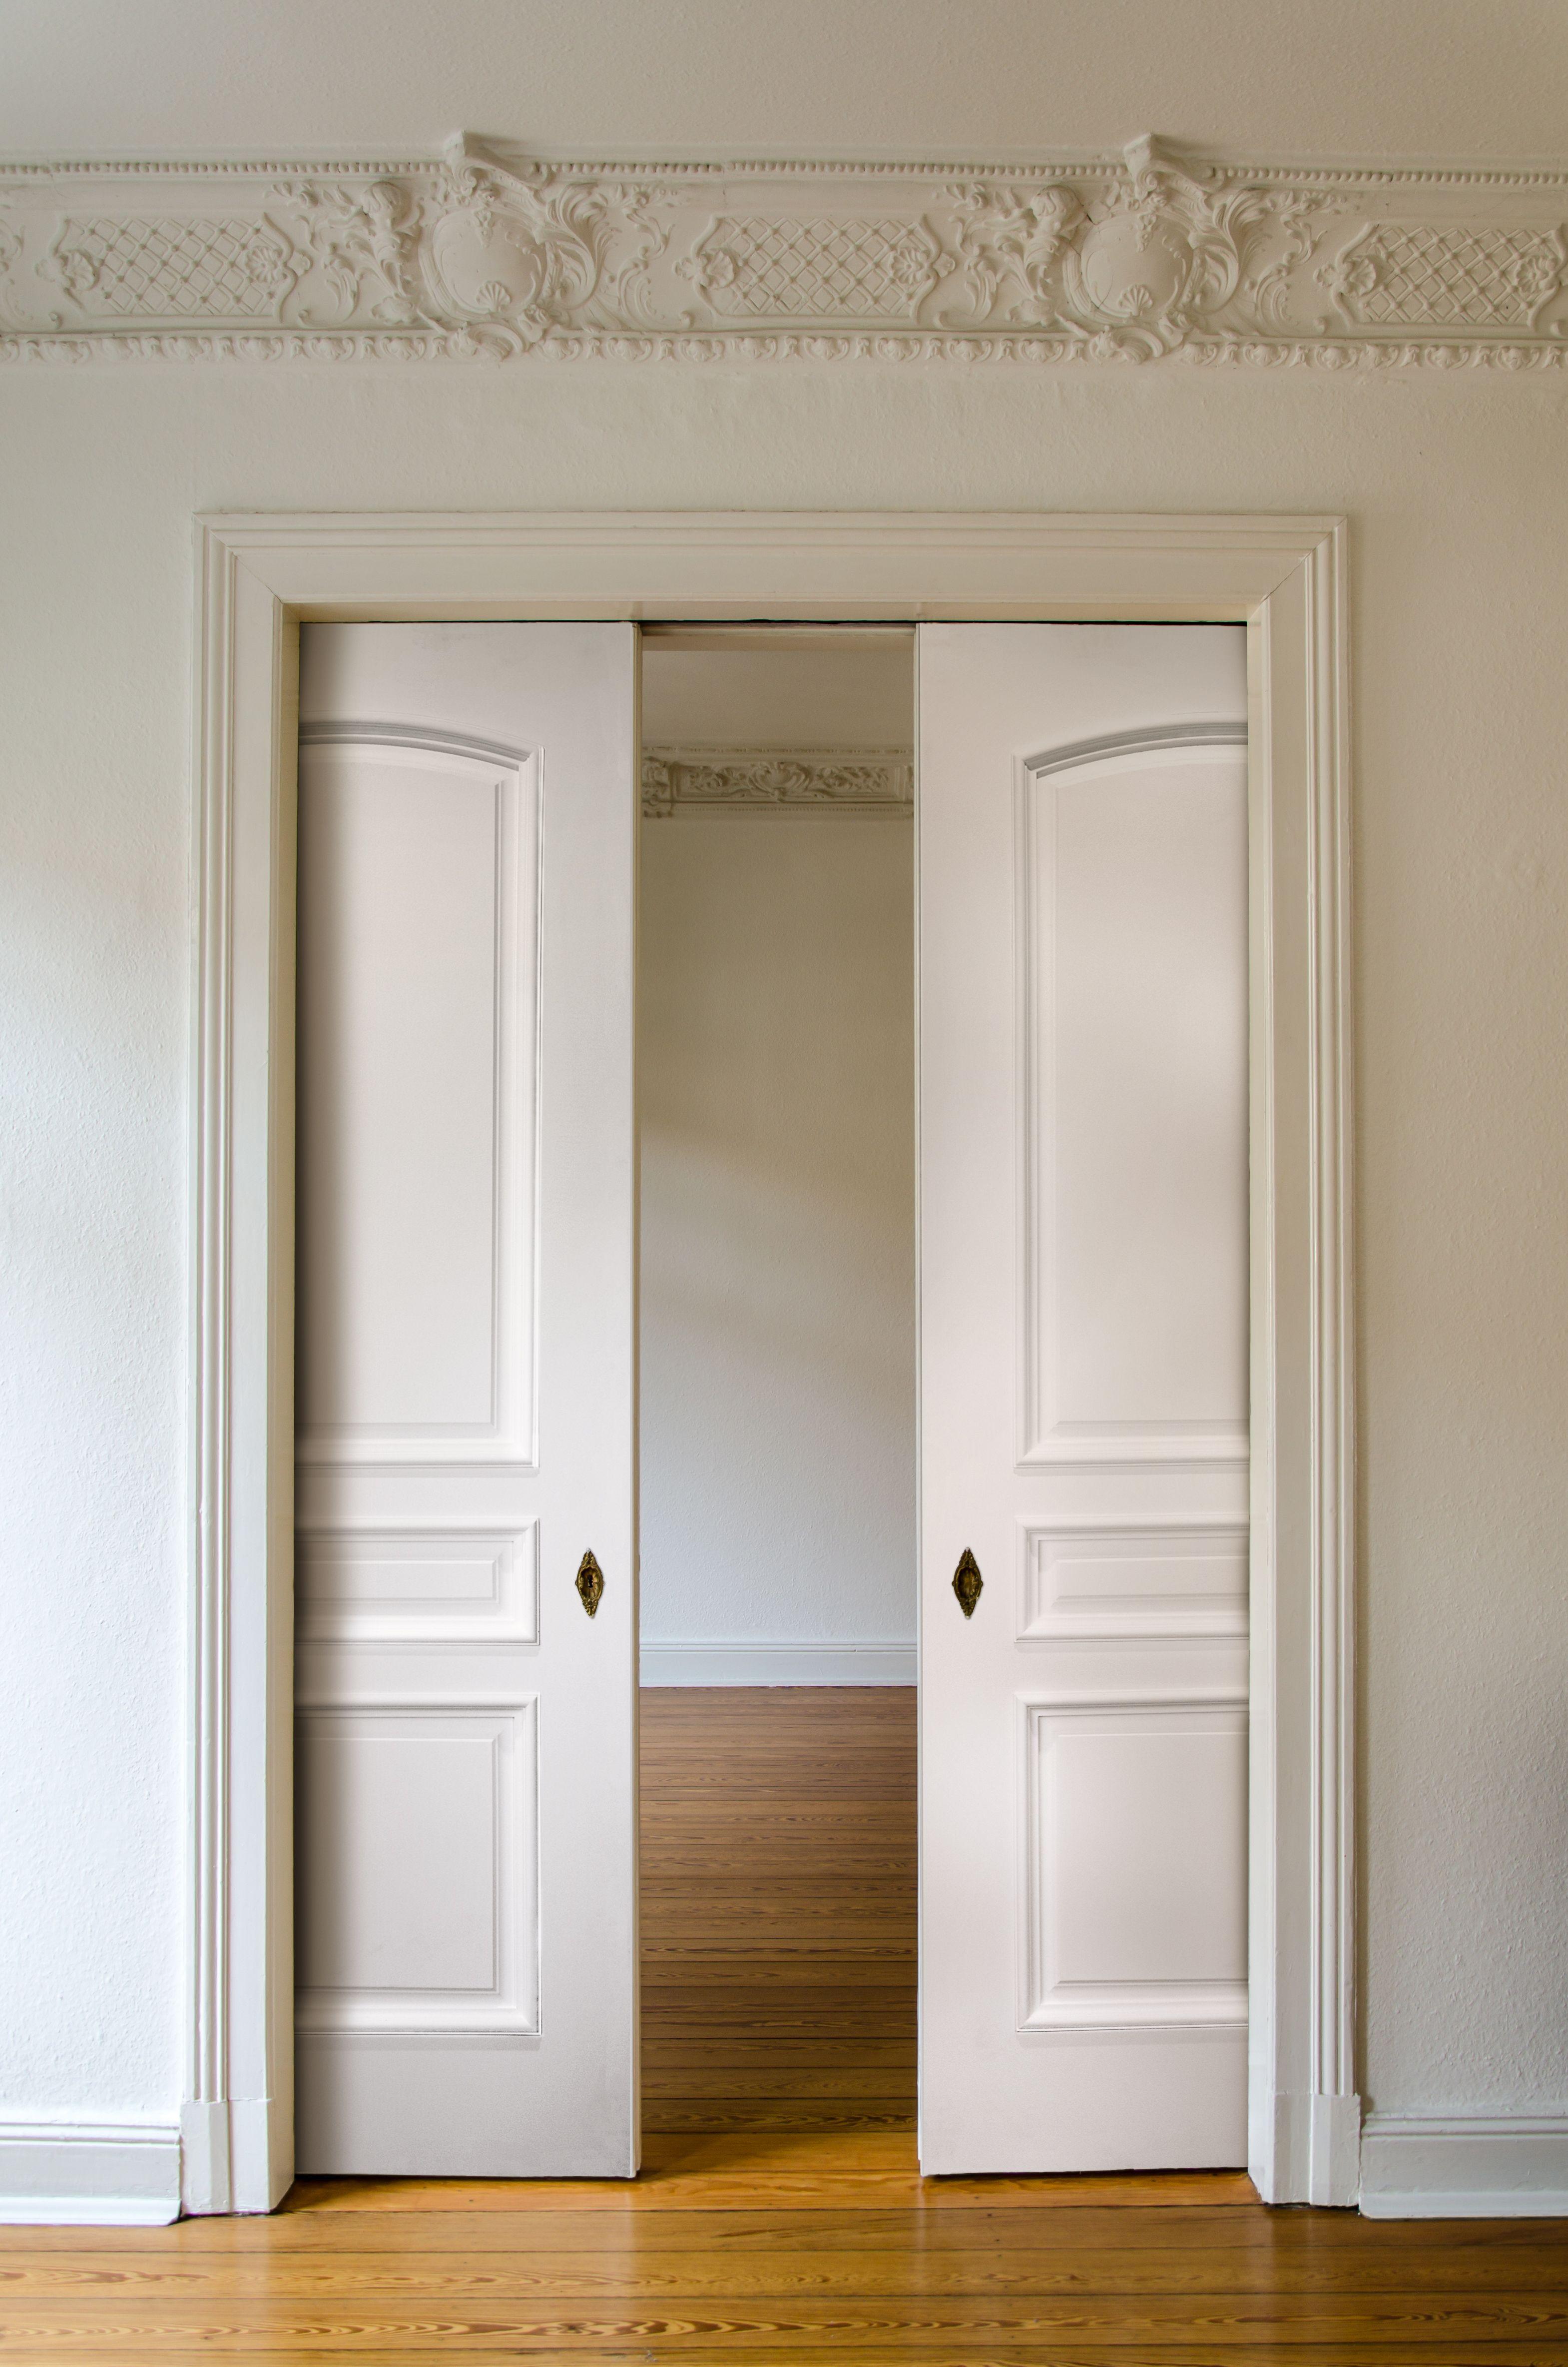 Raised Panel Moulding Pocket Door Tl2 Pocket Doors In 2018